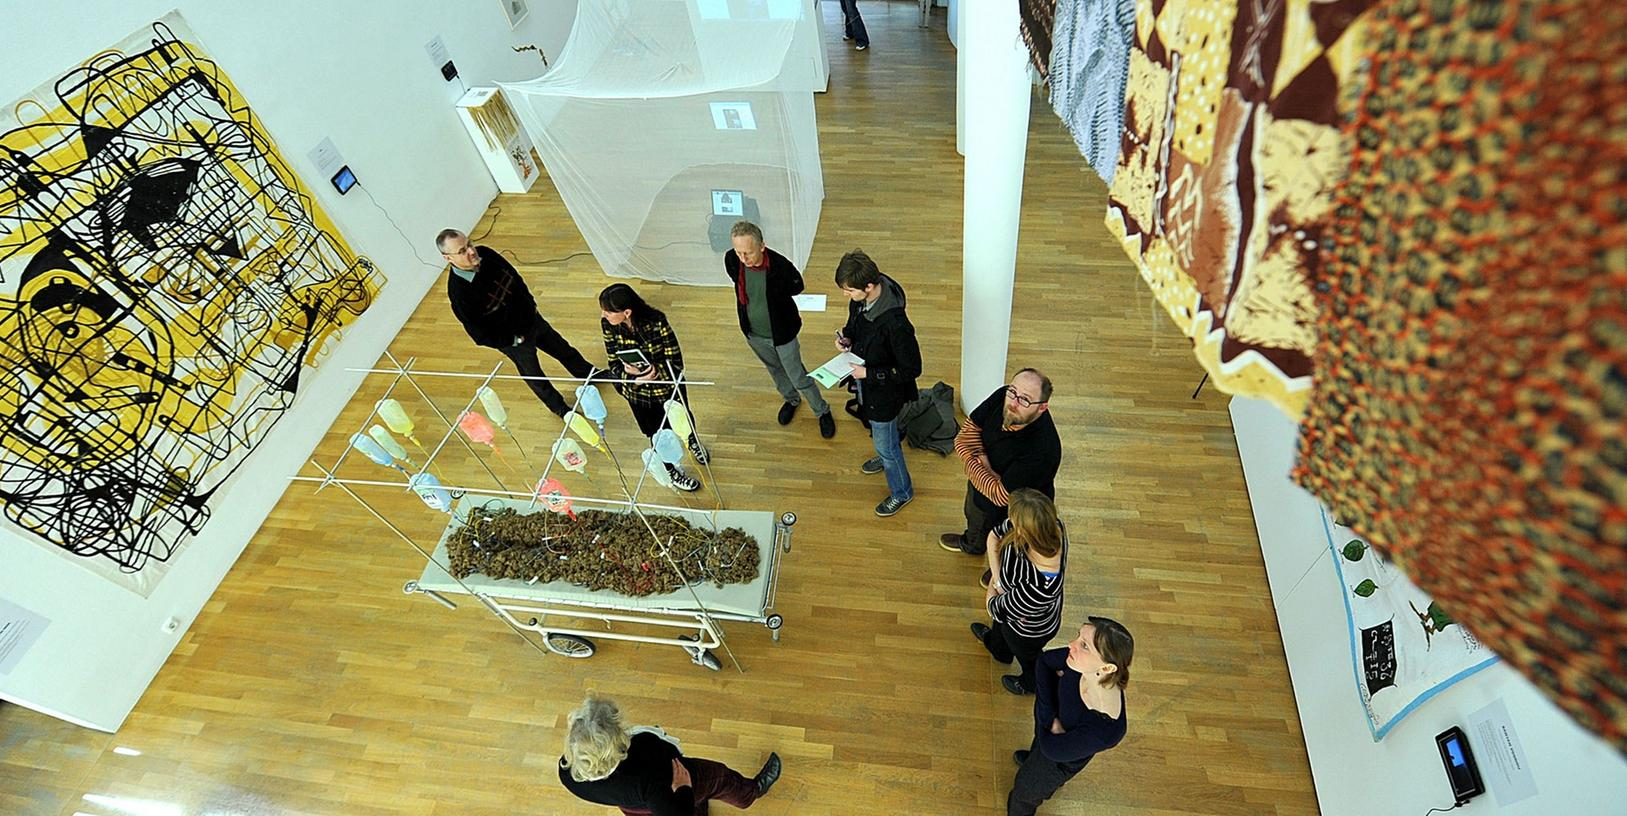 Internationale Kunst in Fürth: Die Wanderausstellung zum Banyan-Baum, auch Würgefeige genannt, etwa zeigte im Frühjahr Arbeiten von 50 Künstlern aus 25 Ländern. Nun droht der Kunstgalerie die Schließung.